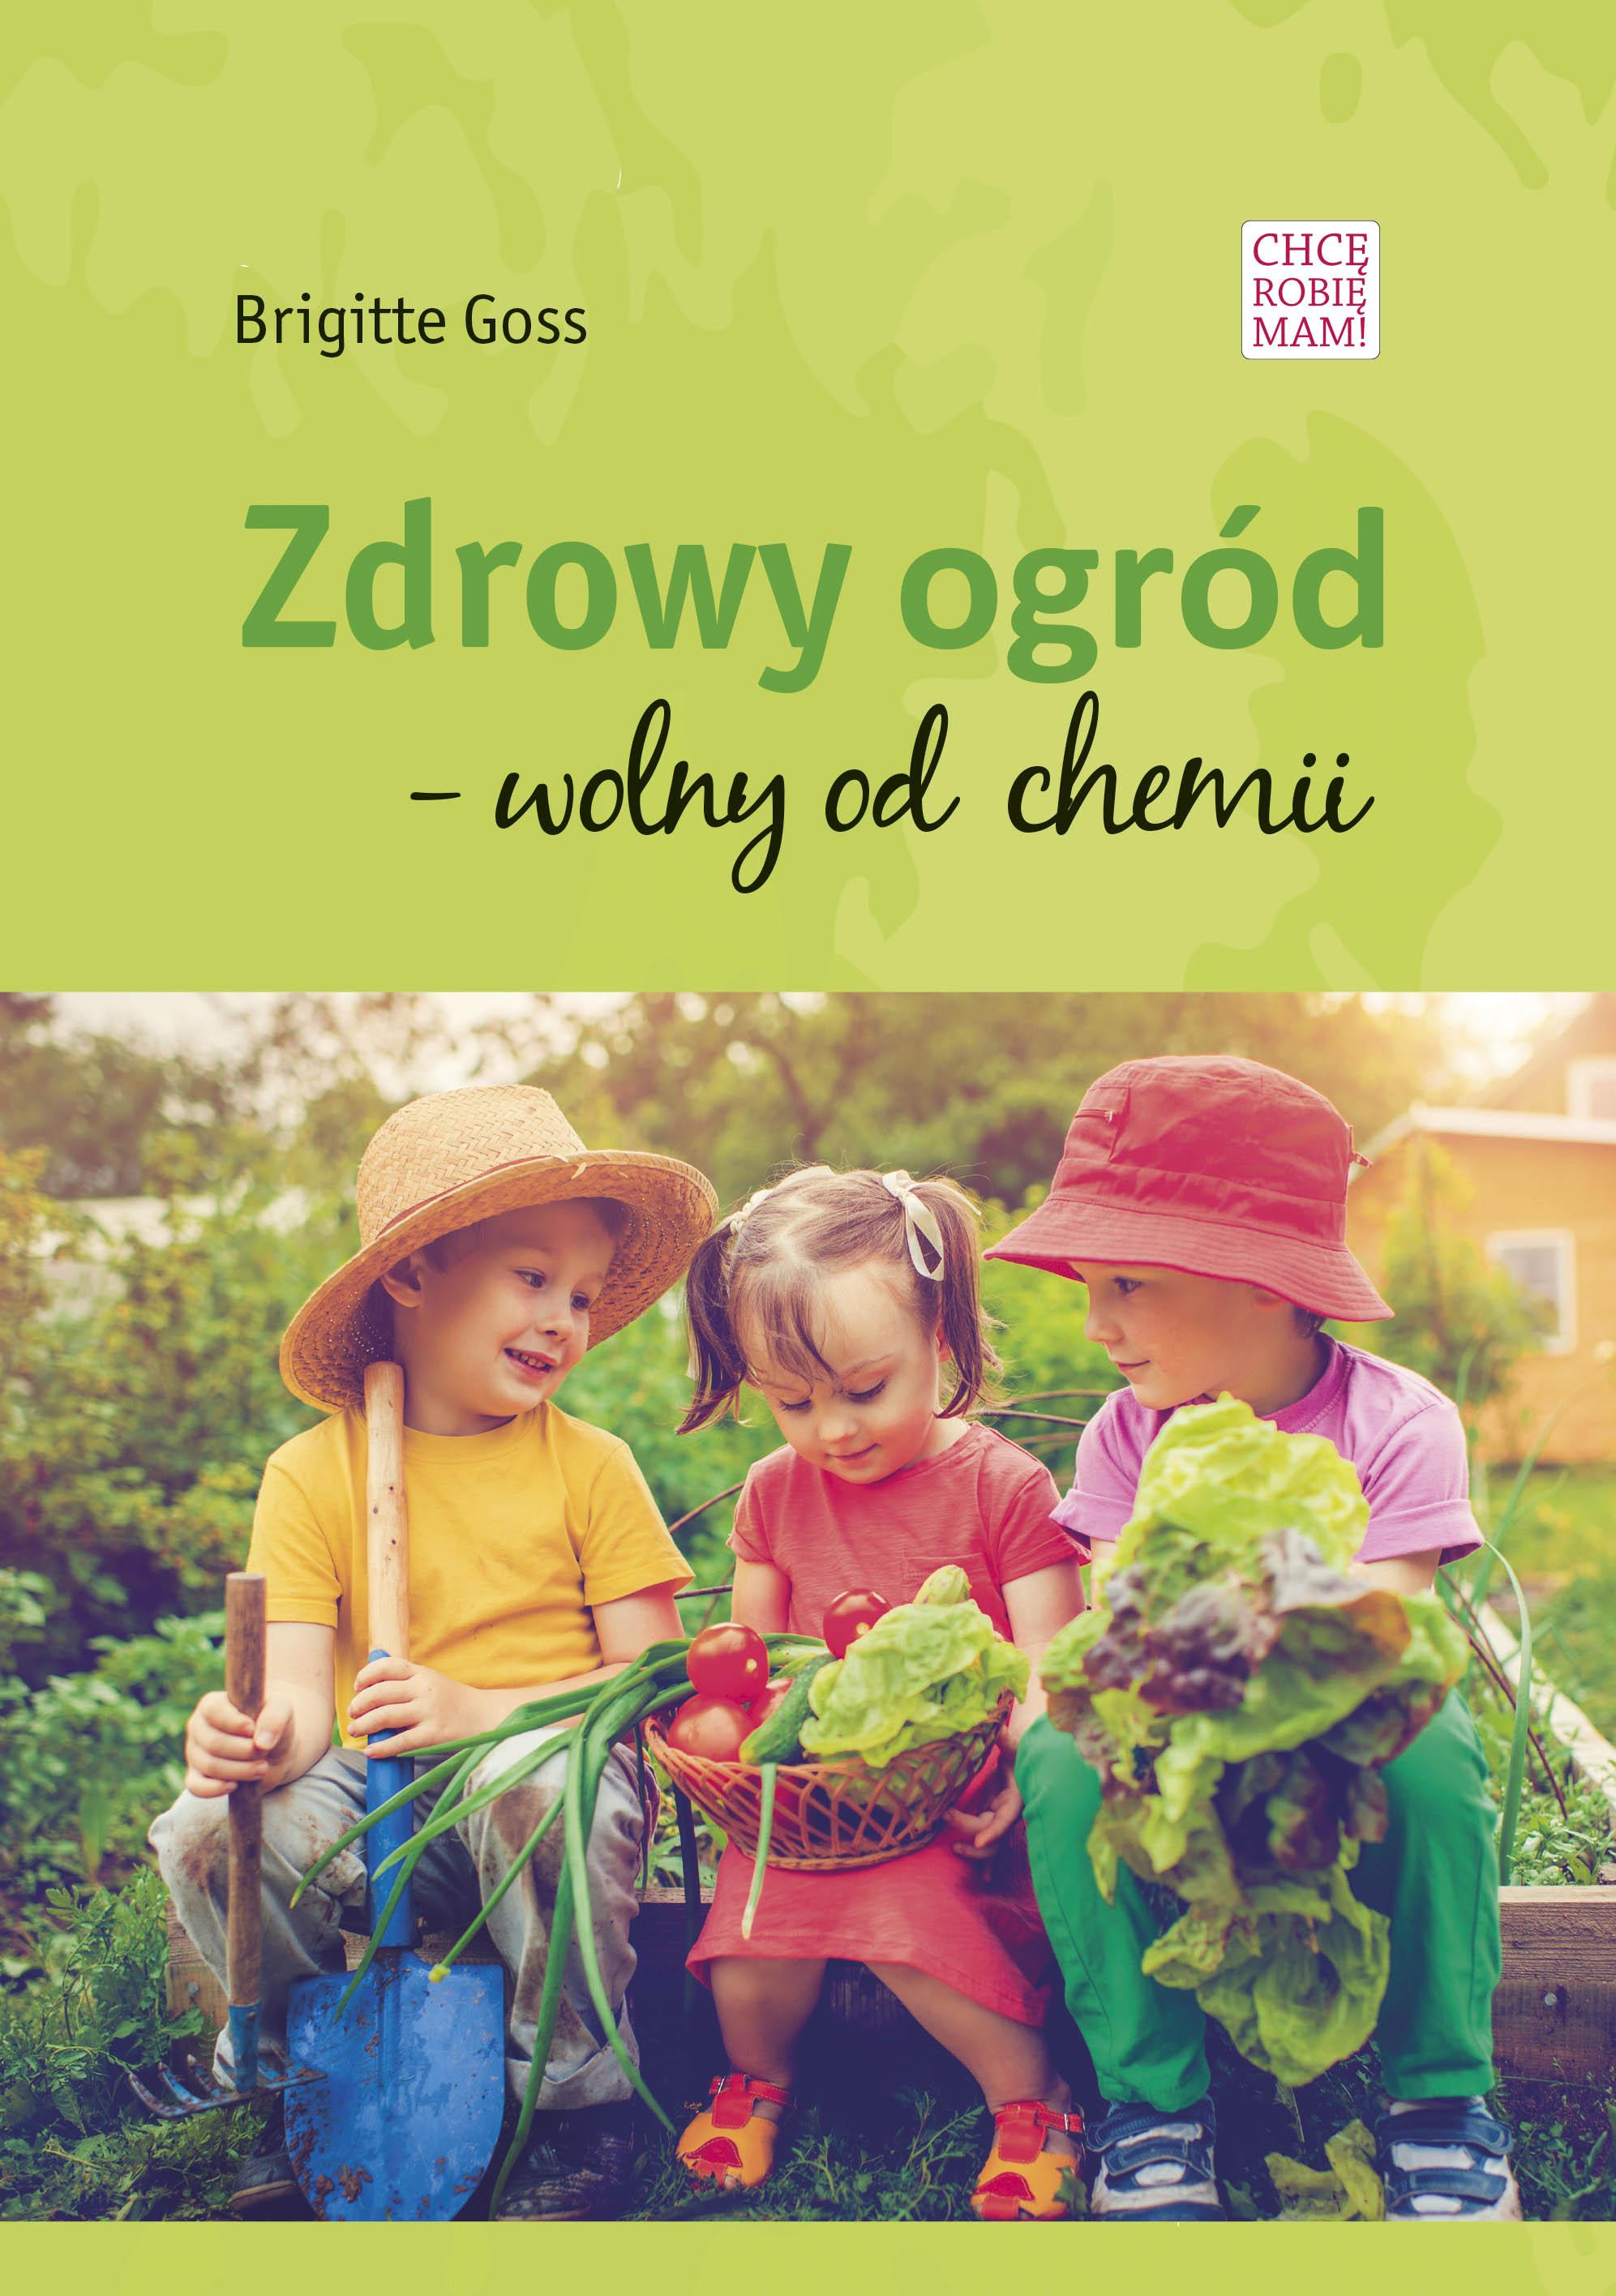 ogrod_wolny_od-chemii_okladka_internet_maly